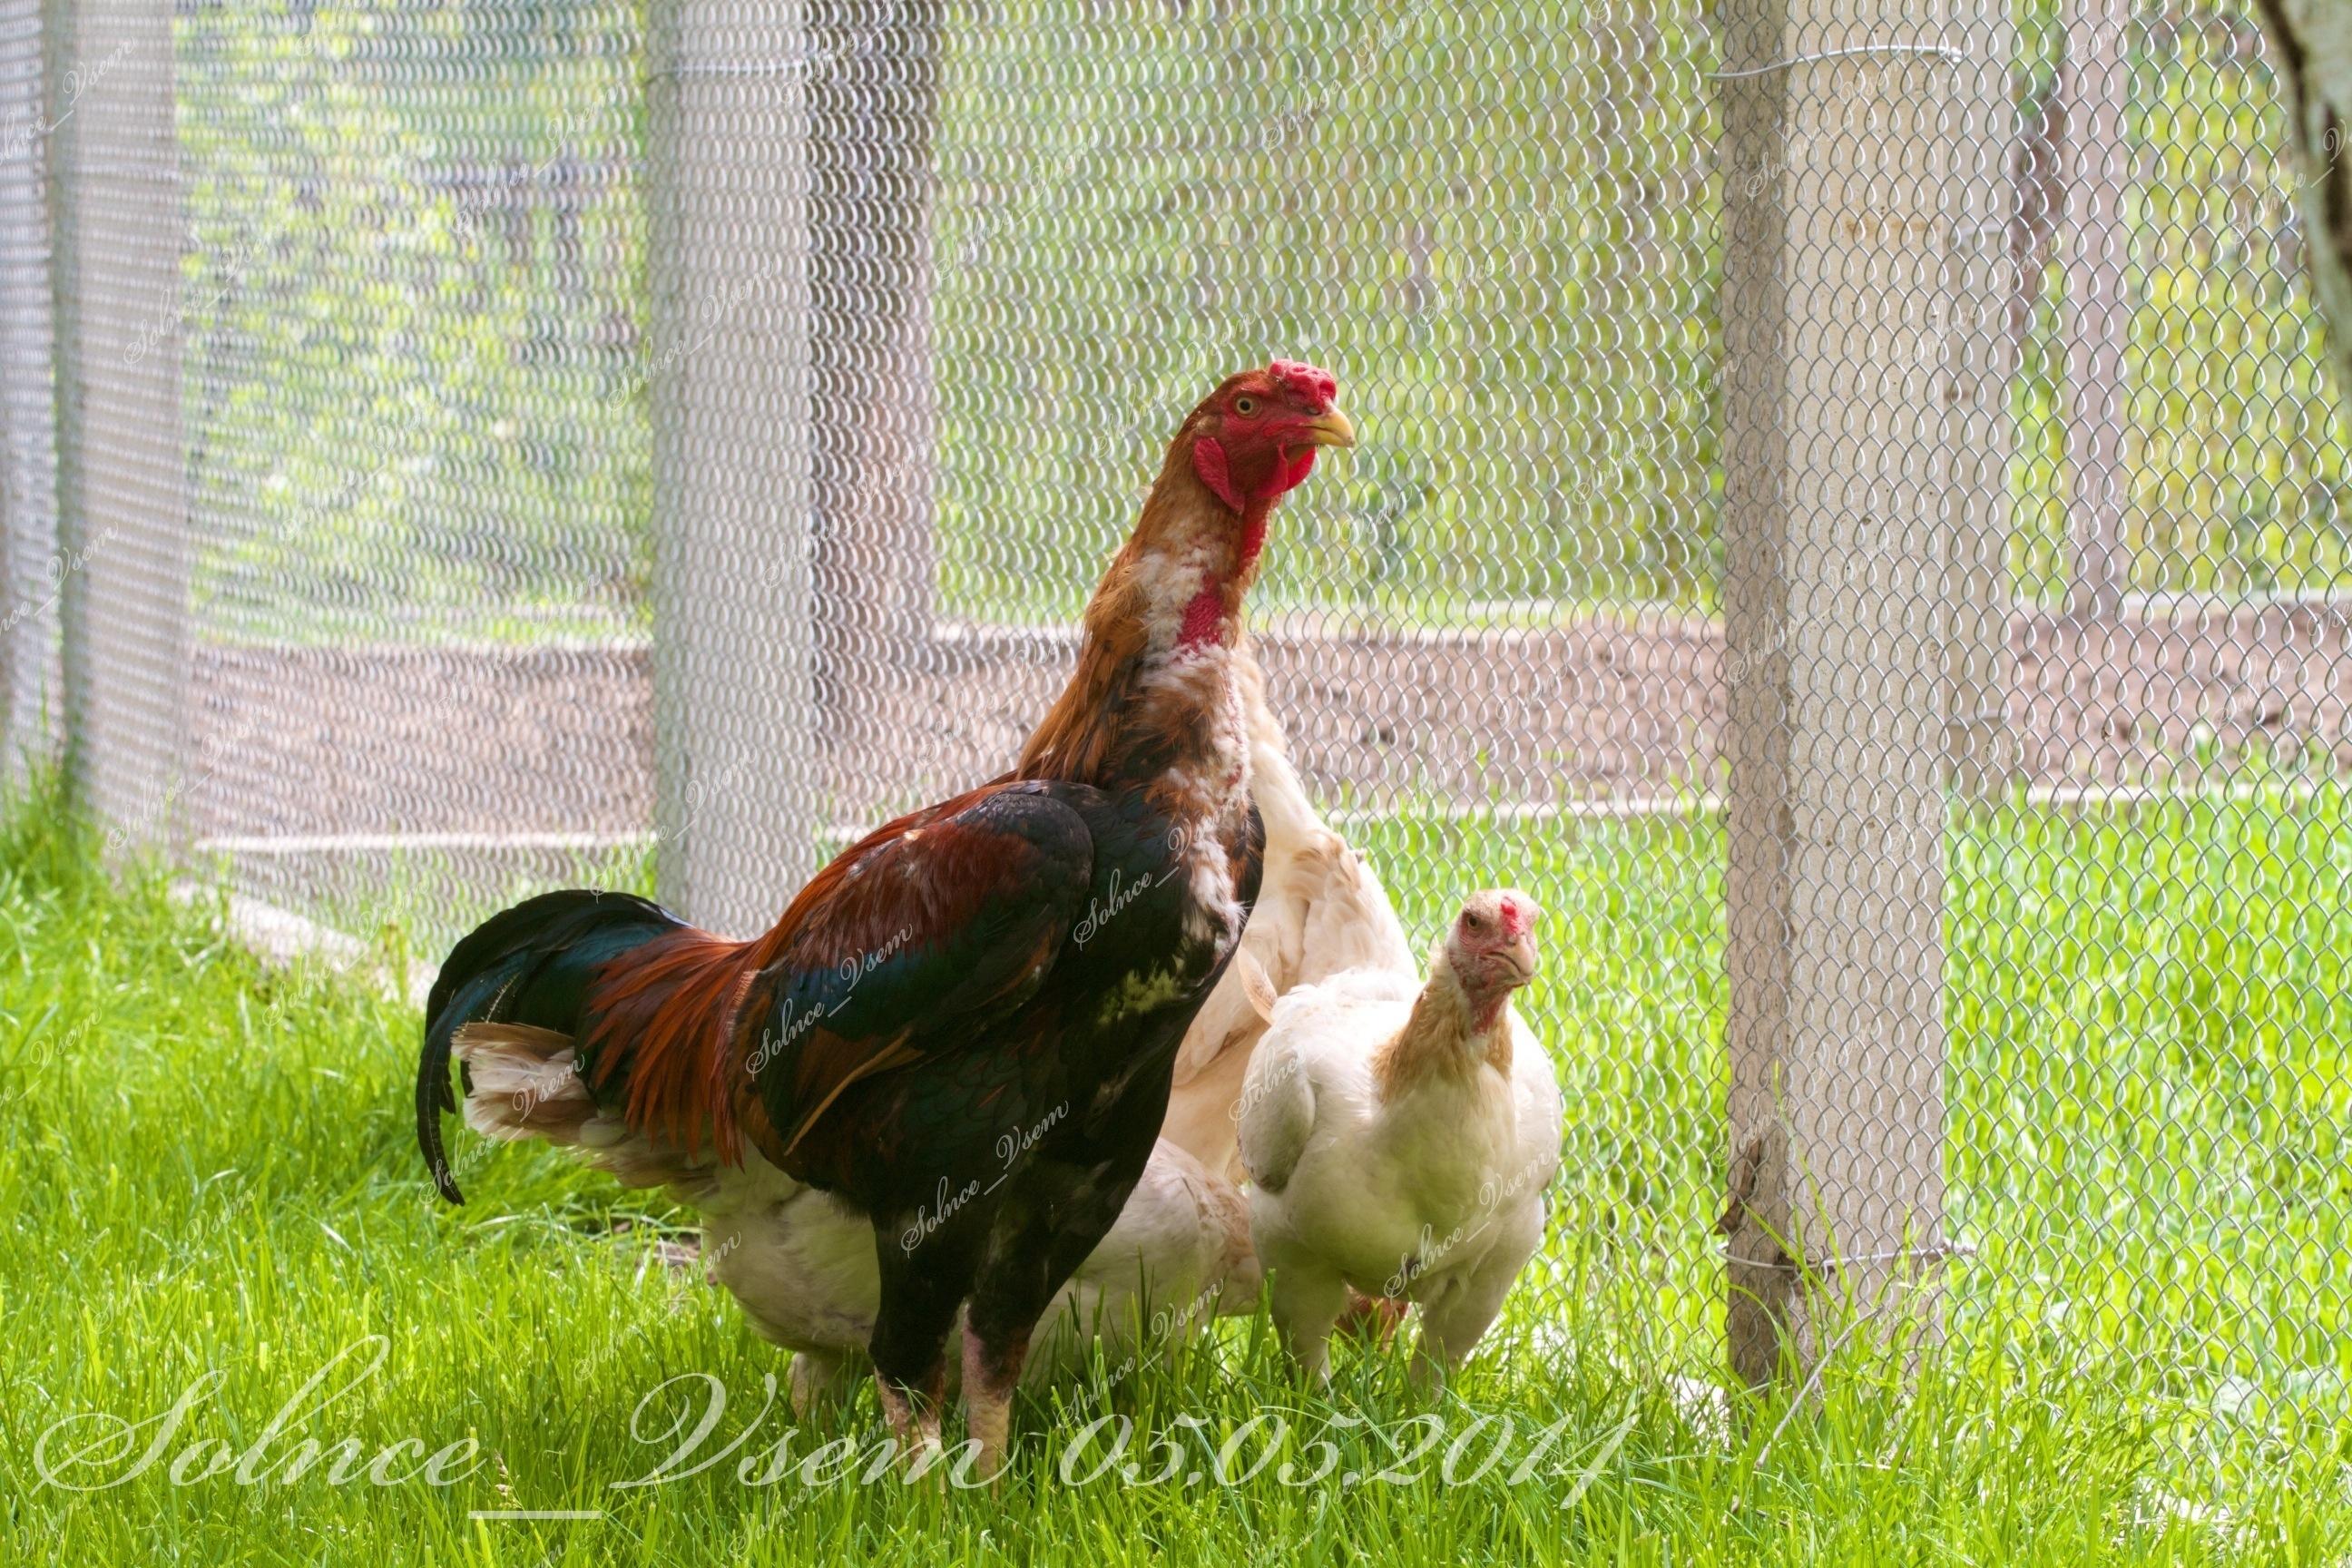 Малайская бойцовая порода кур. Характеристики, описание, содержание, кормление и инкубация